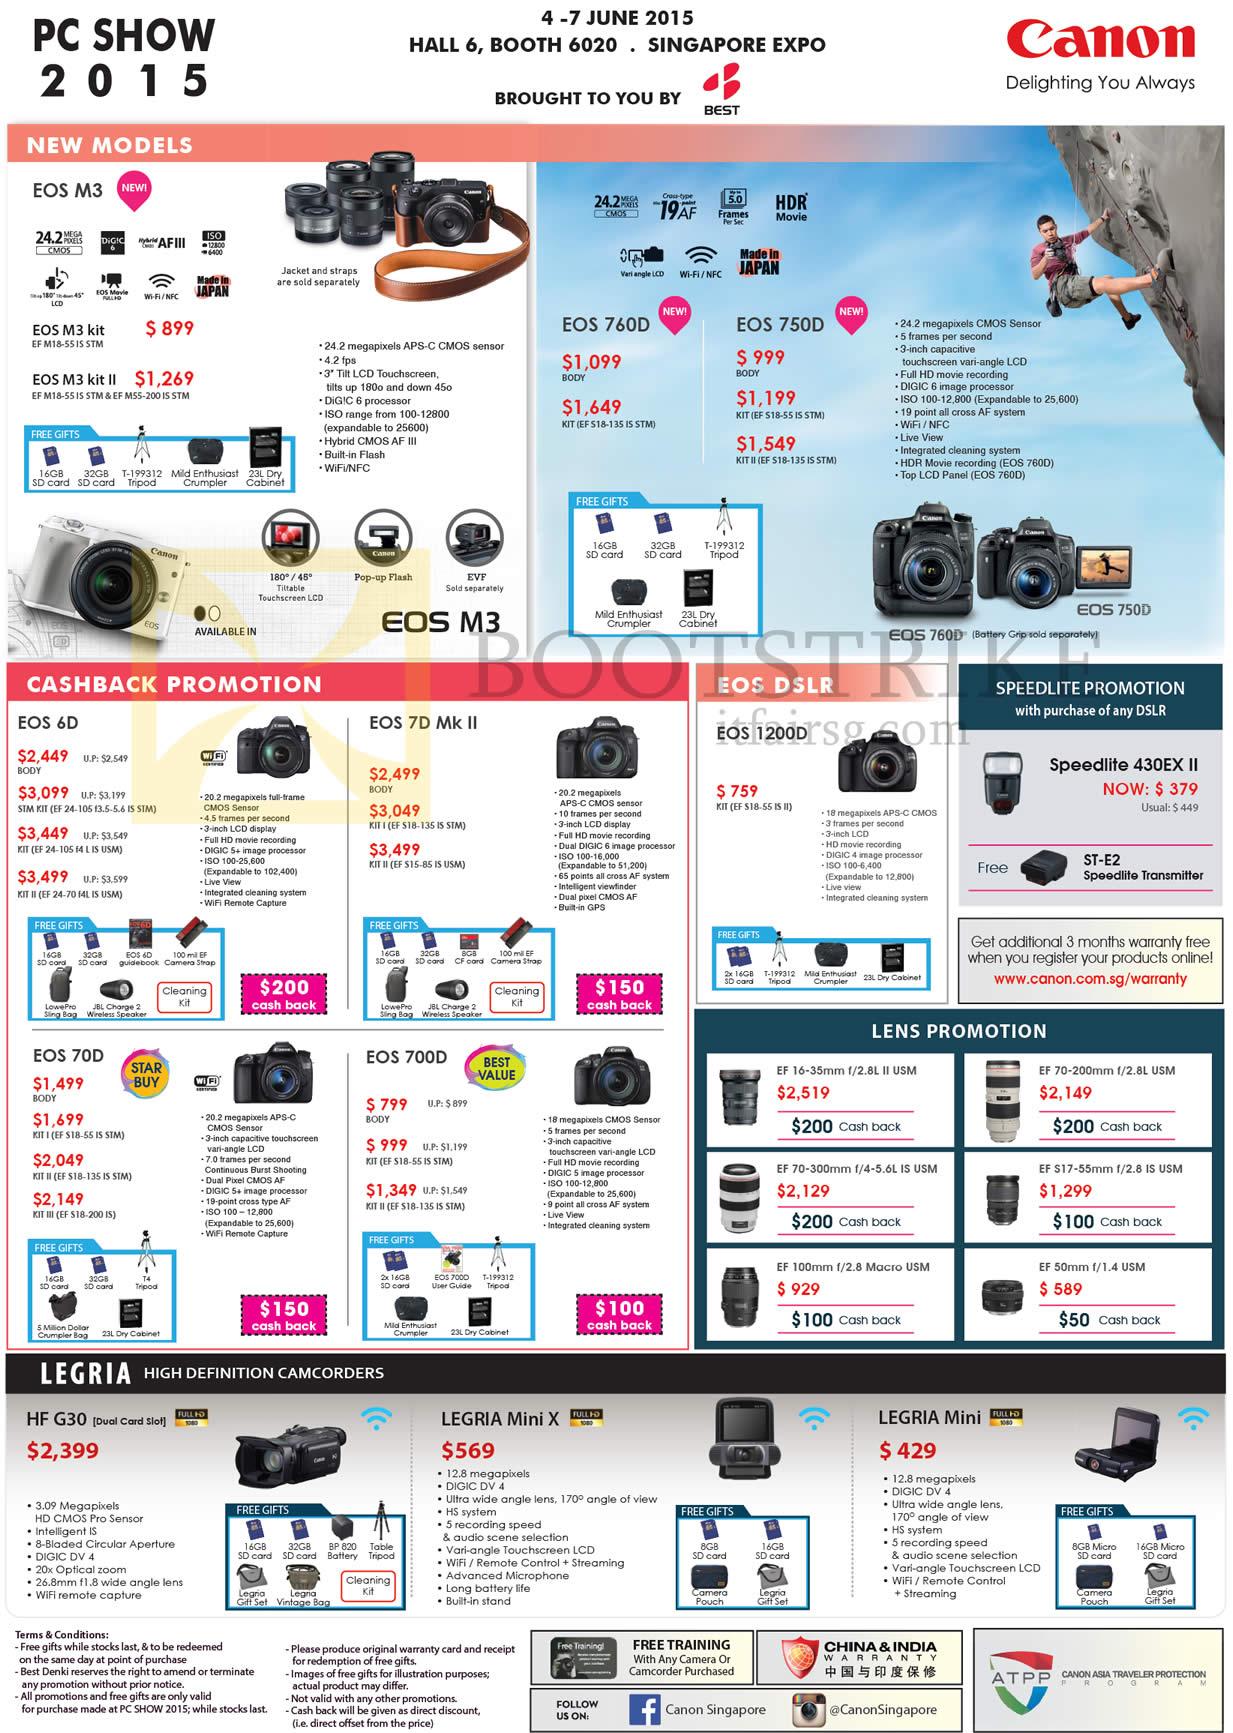 Canon Digital Cameras DSLR EOS M3 760D 750D 6D 7D Mk II 1200D 70D 700D, Legria HF G30 Mini X, Lenses